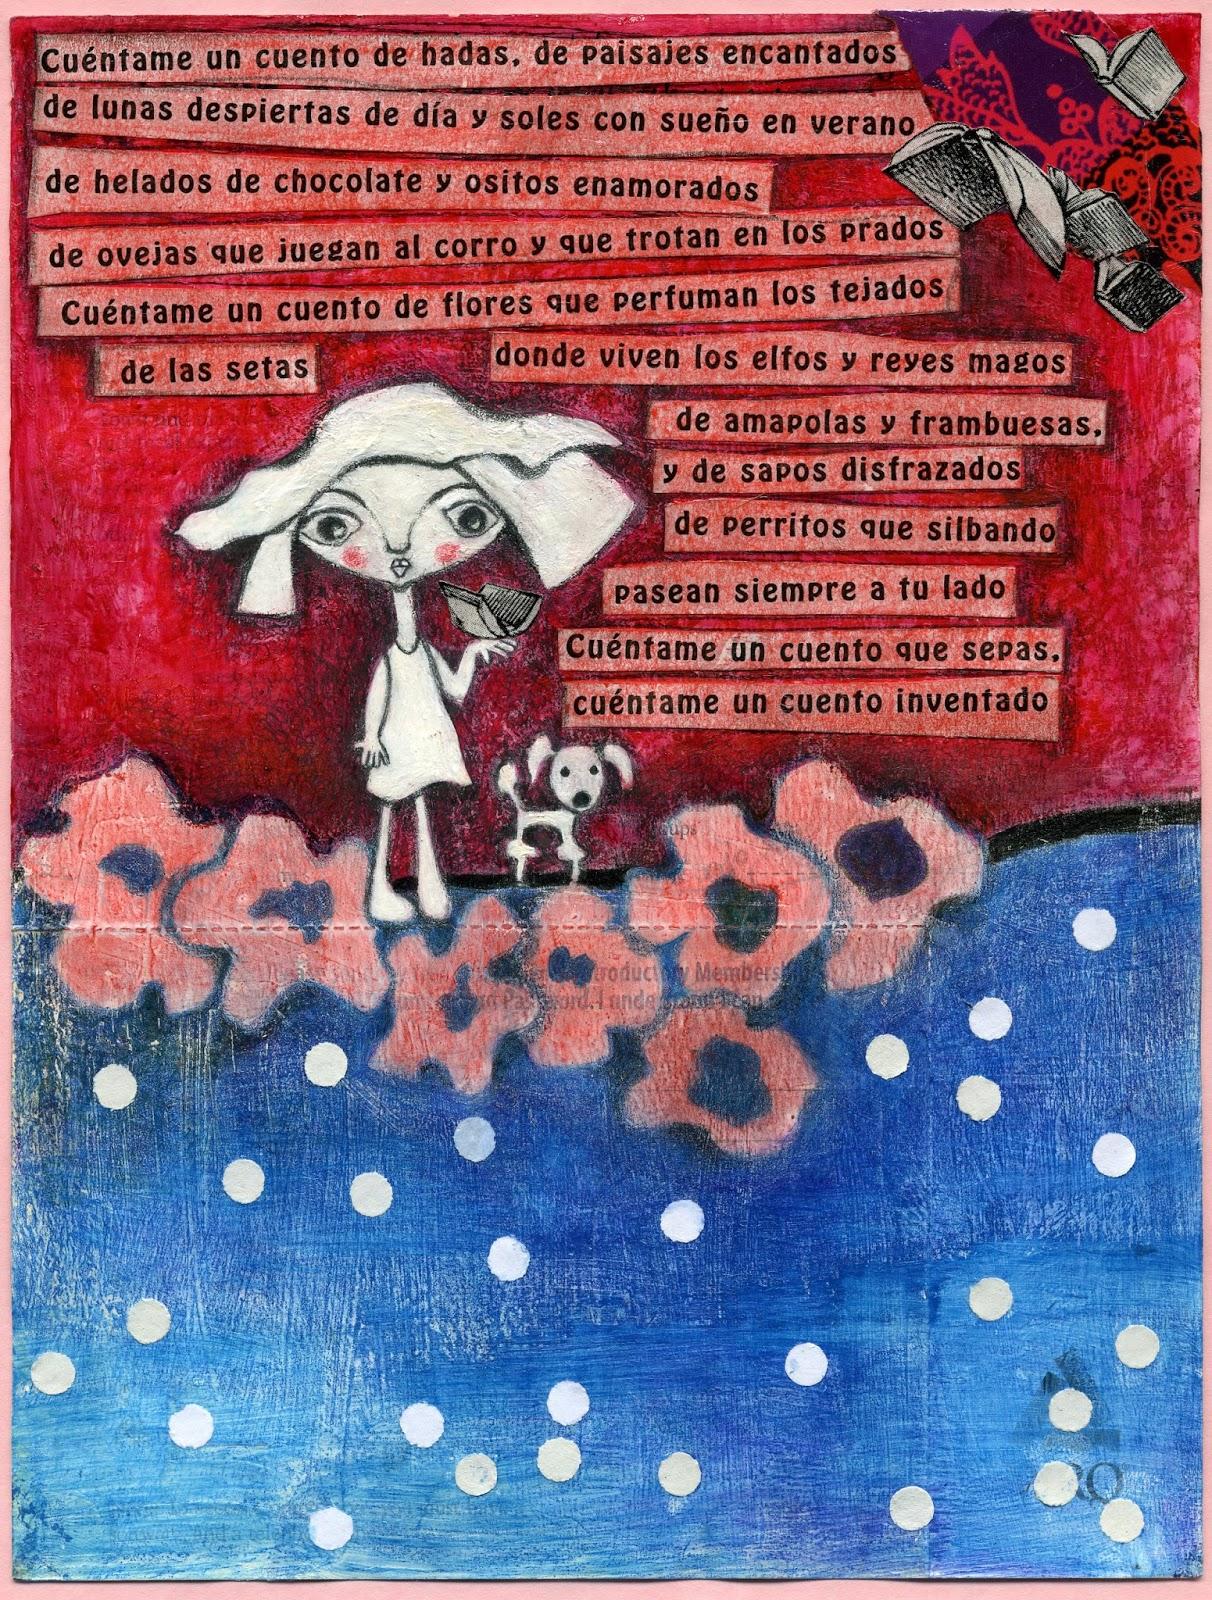 """Cuarta entrega de la Serie """"Poetry"""". Ilustración dedicada a los cuentos, cuentos voladores, cuentos que nos hacen soñar, cuentos que nos comunican alegría.  Cuéntame un cuento de hadas, de paisajes encantados"""